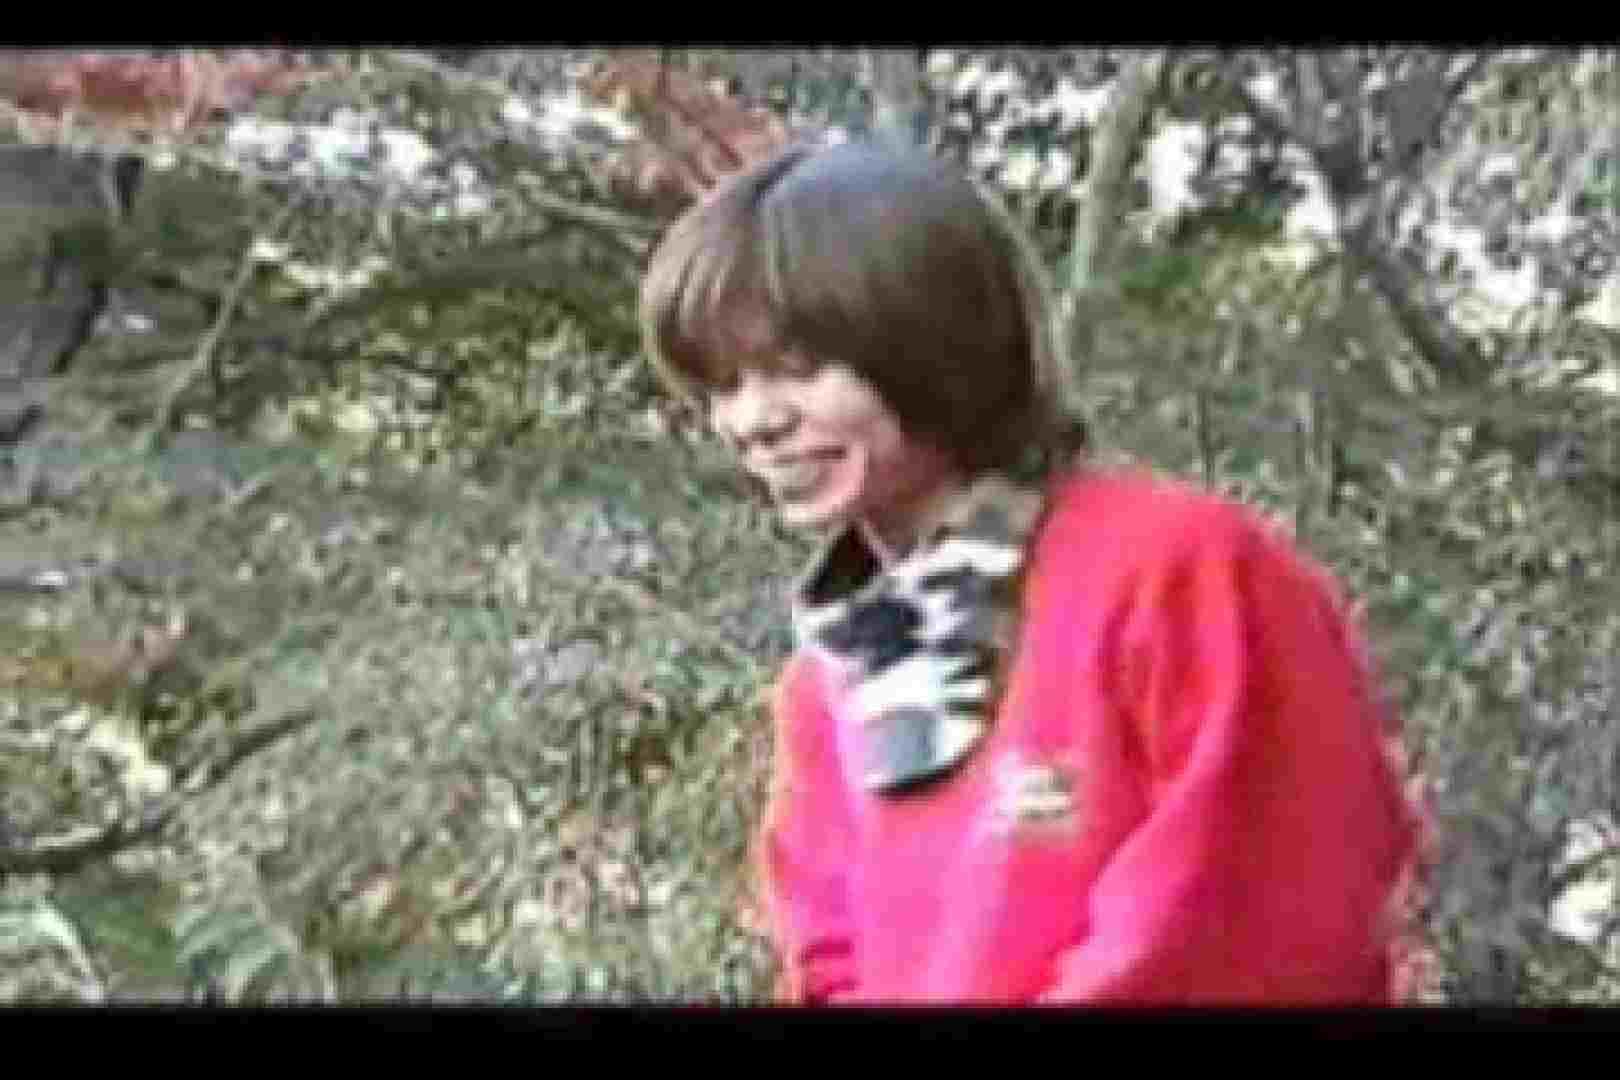 オールドゲイシリーズ  美少年ひかるのオープンファック フェラ天国 ゲイヌード画像 46pic 17